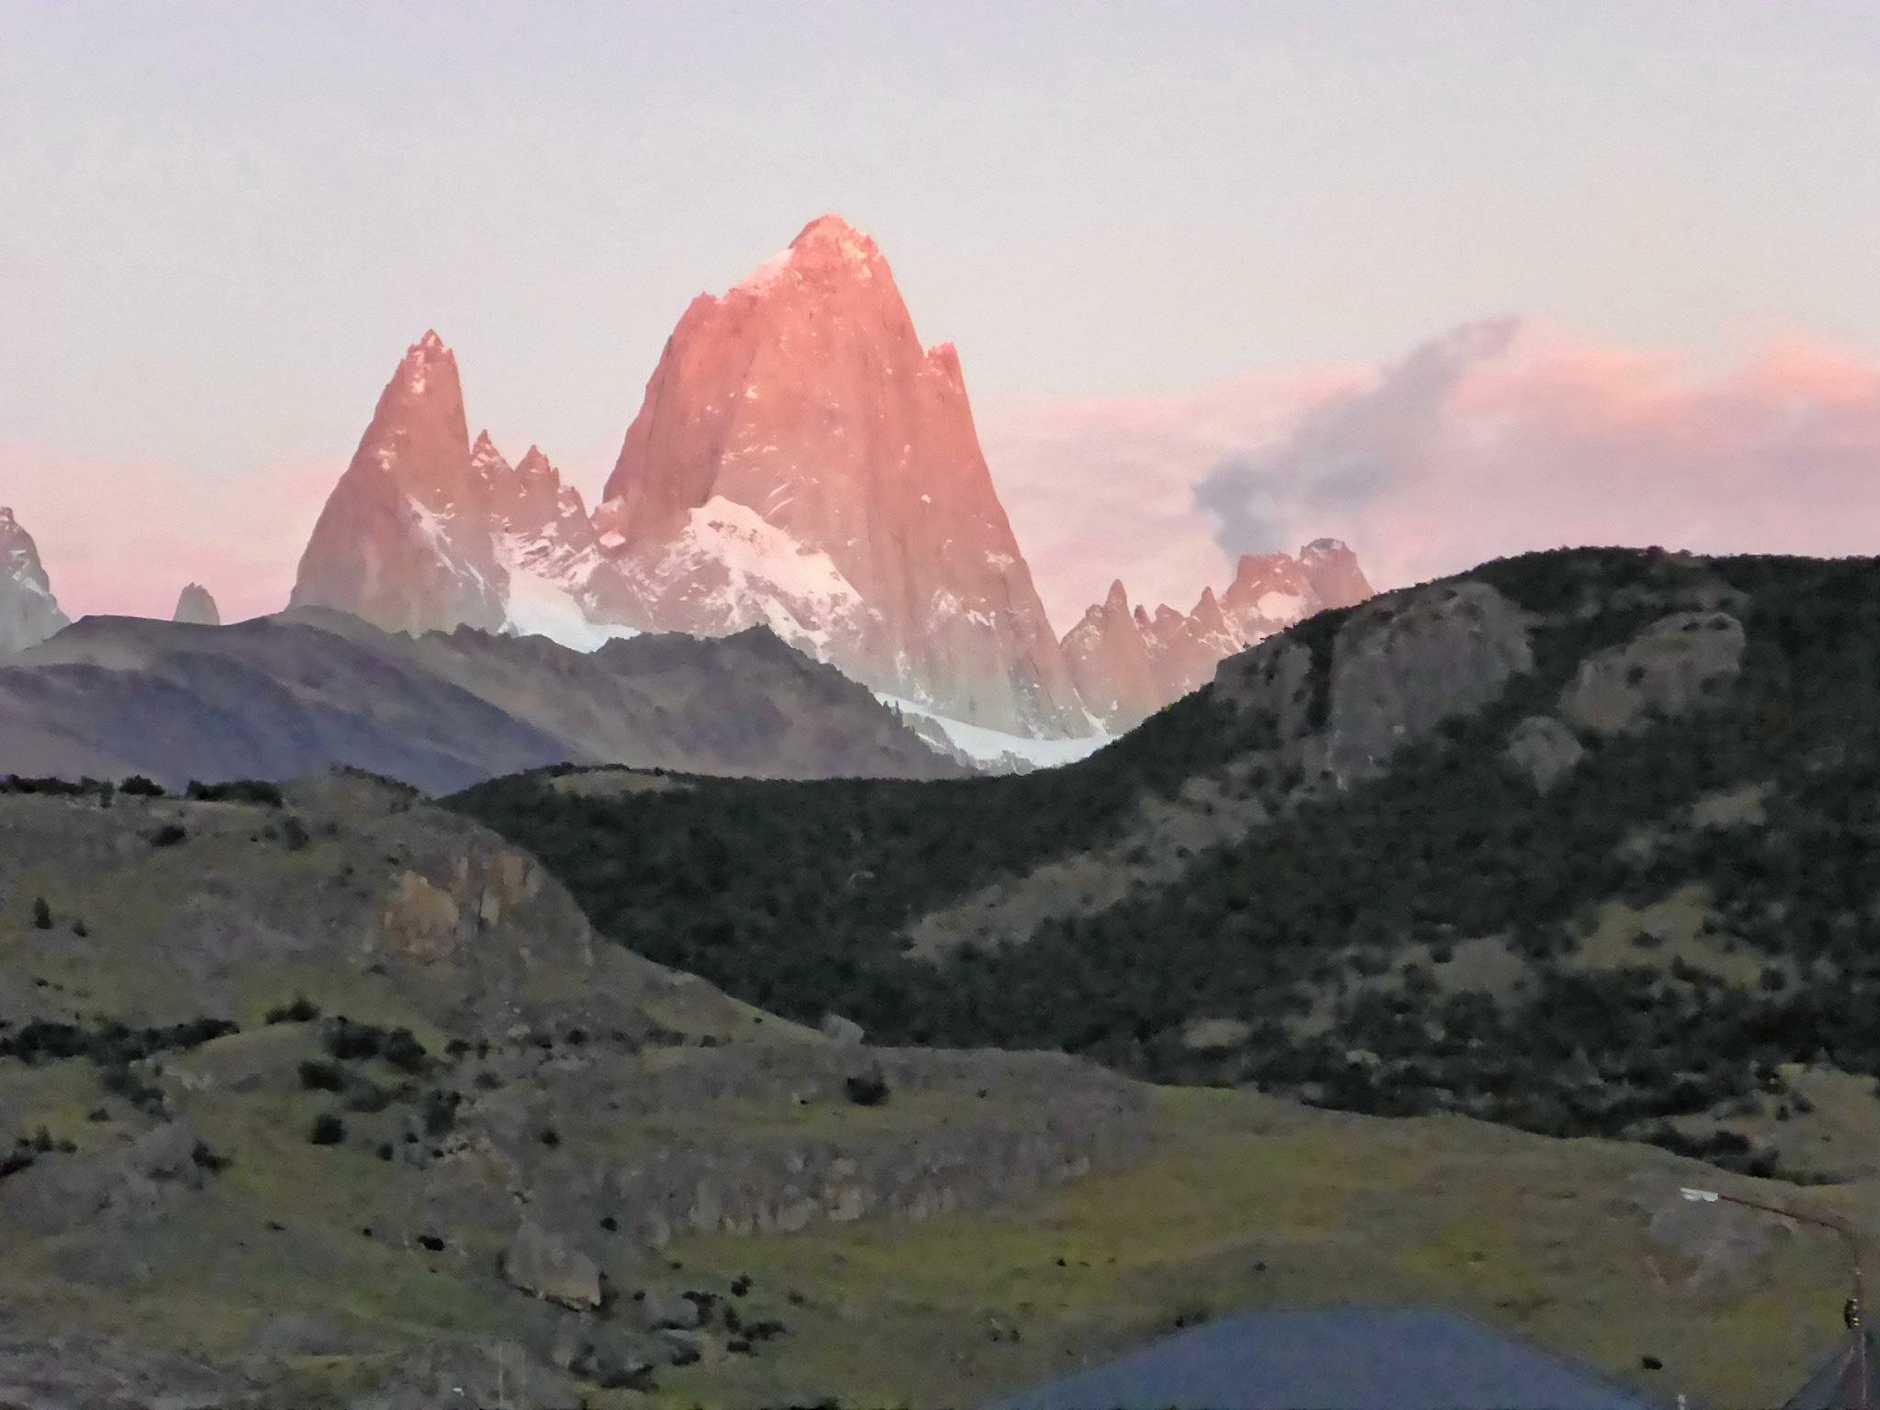 View from El Chalten village before their first 24km trek through the foothills.